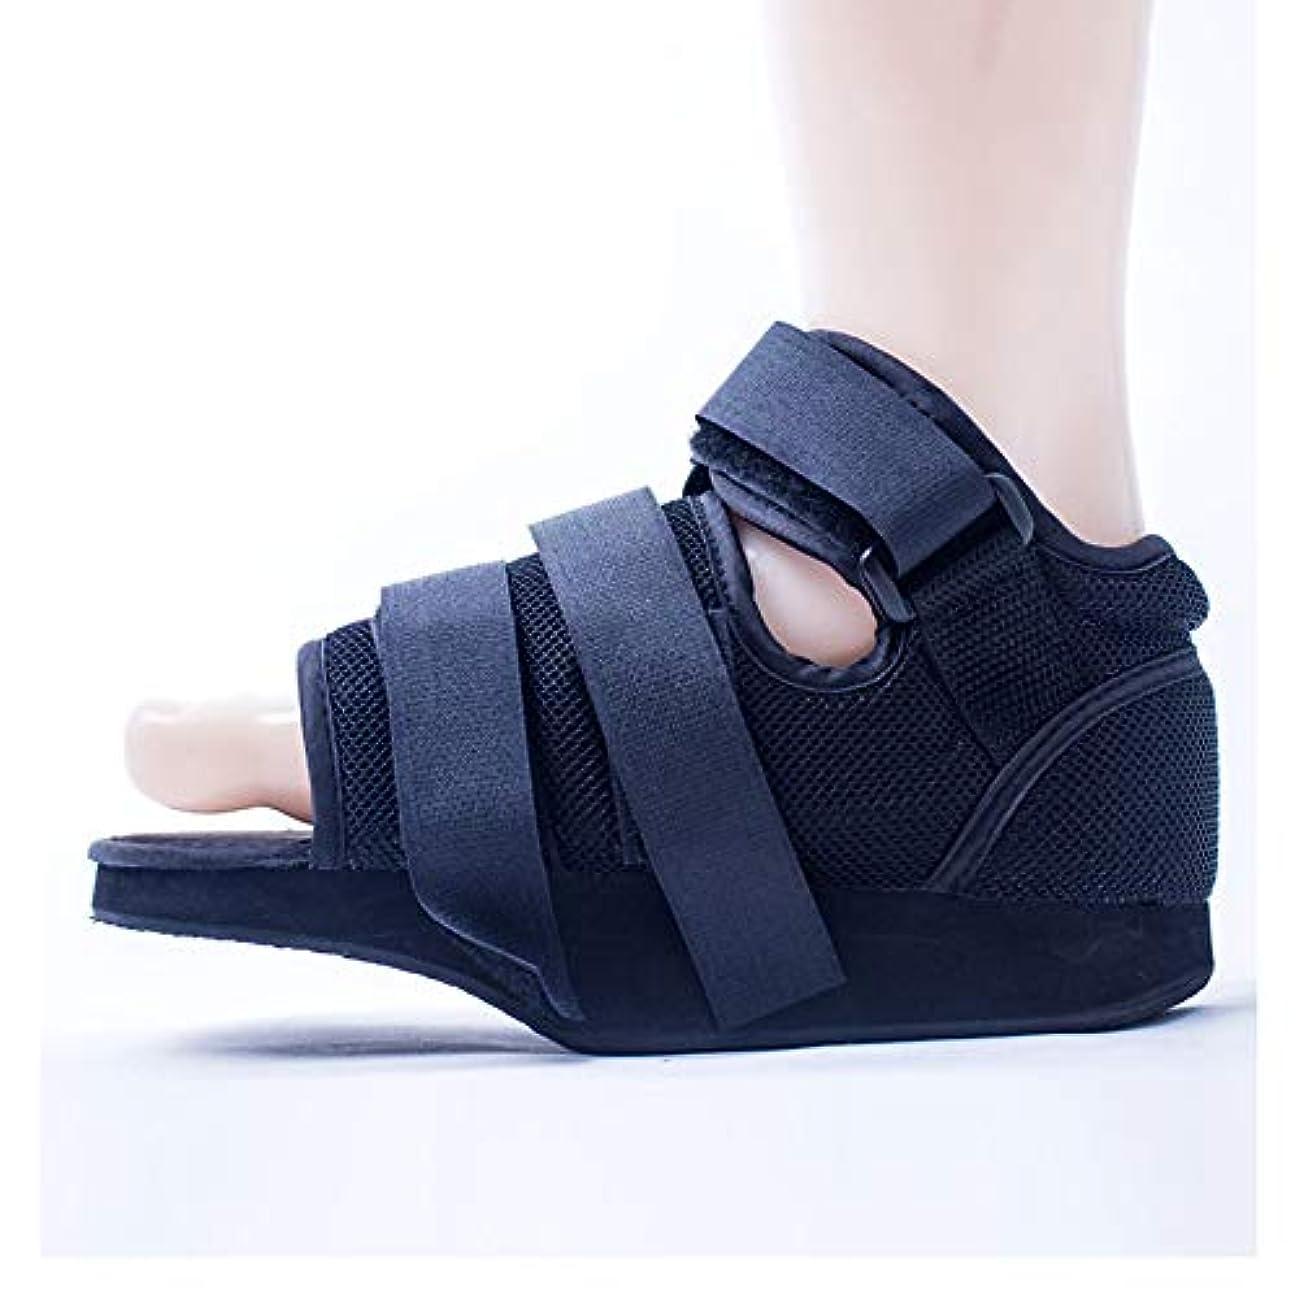 平和的石灰岩褐色壊れたつま先/足の骨折のための術後スクエアトゥウォーキングシューズ - ボトムキャストシューズ術後の靴 - 調節可能な医療ウォーキングブーツ (Size : M)